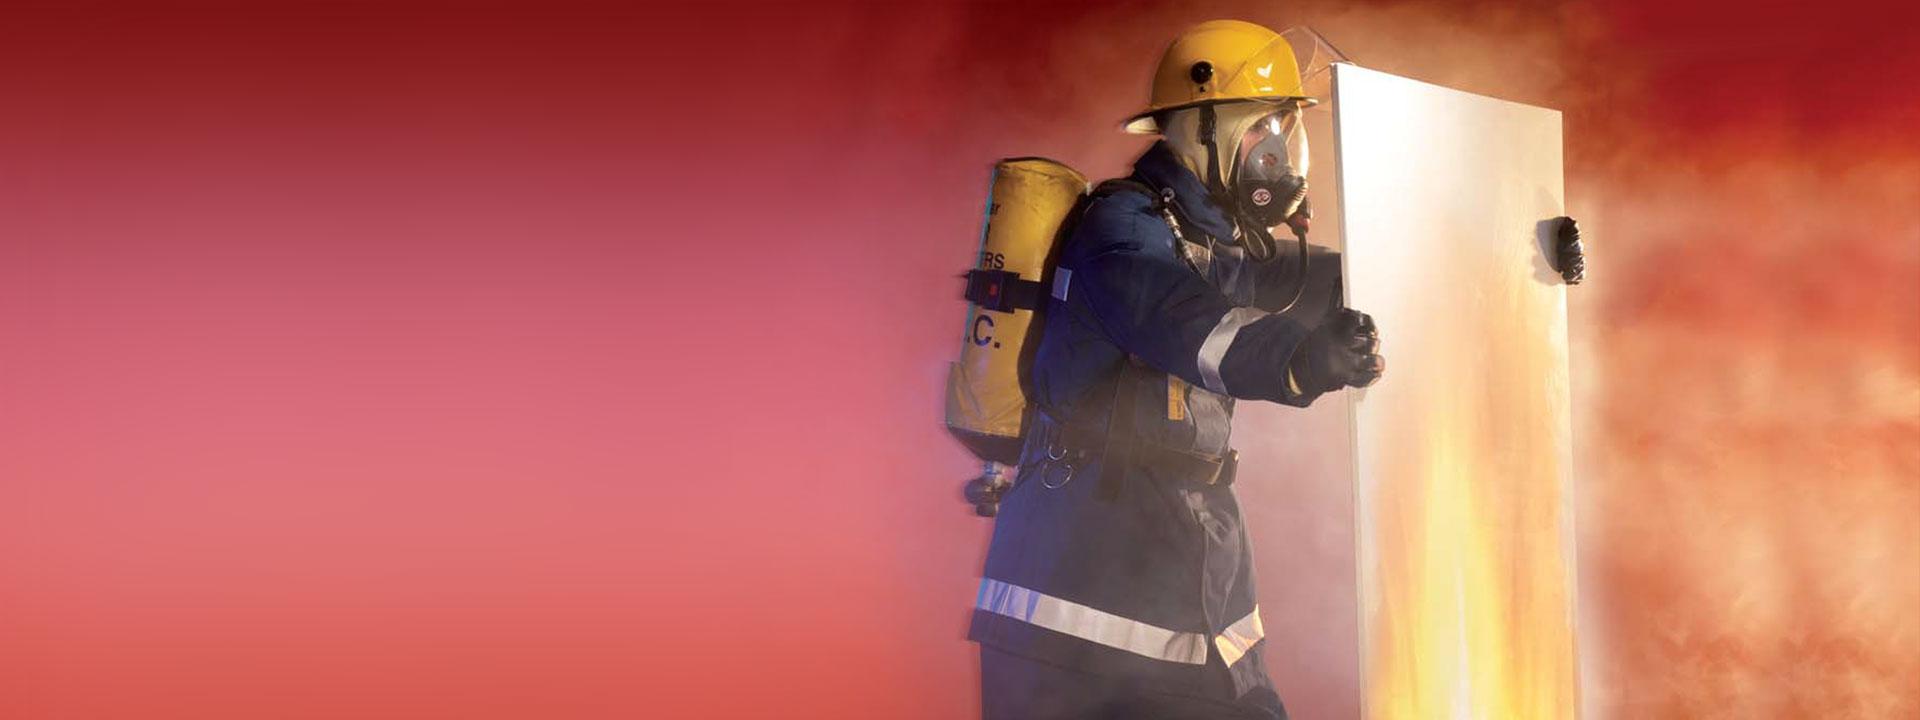 protezione-fuoco-acustica